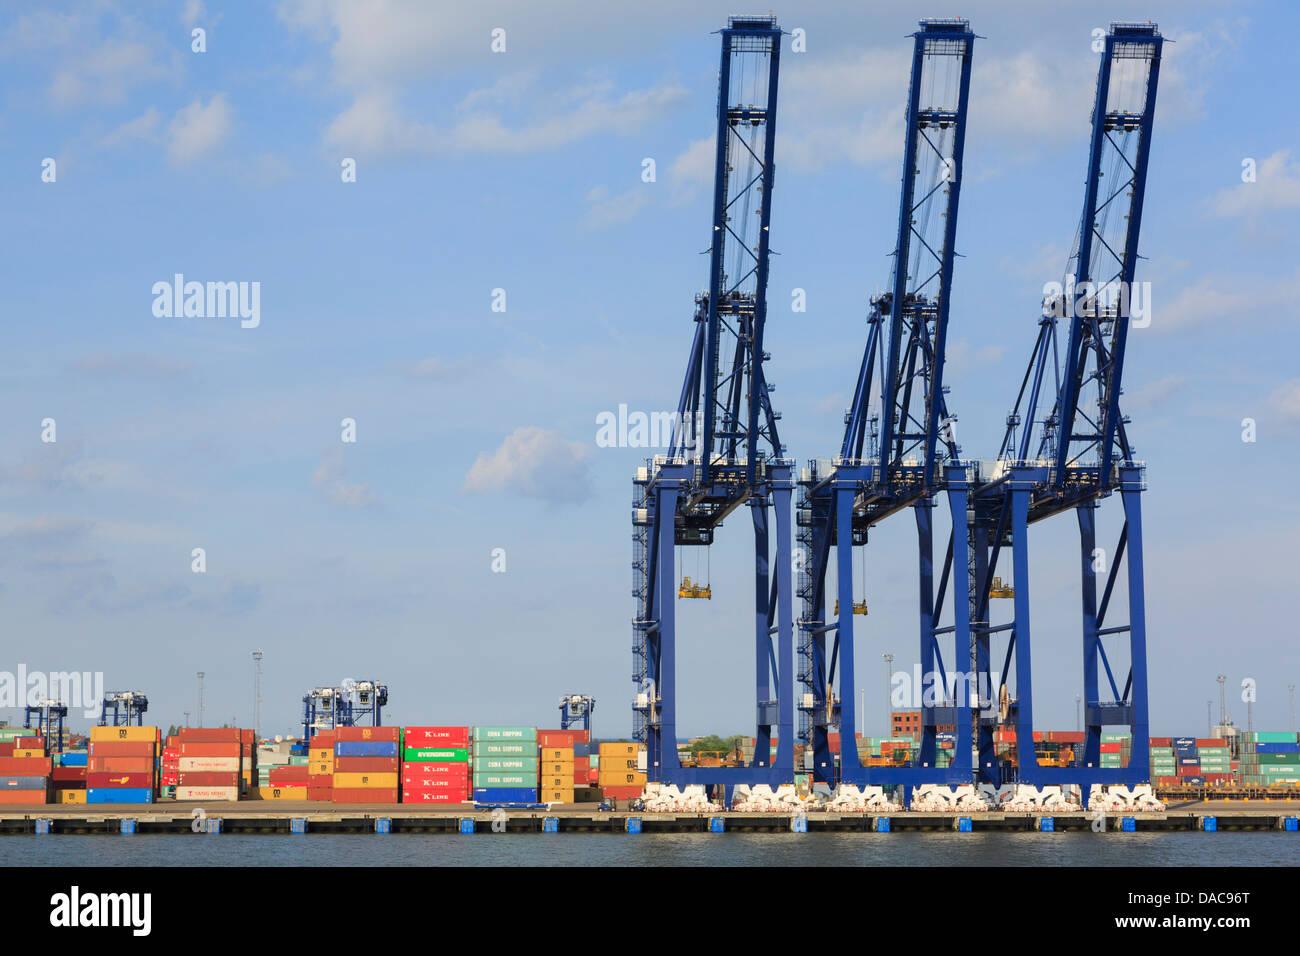 Portal-Krane für das Heben von Containern auf Dockside terminal Kai der größte Containerhafen in Großbritannien. Felixstowe Suffolk England UK Stockfoto